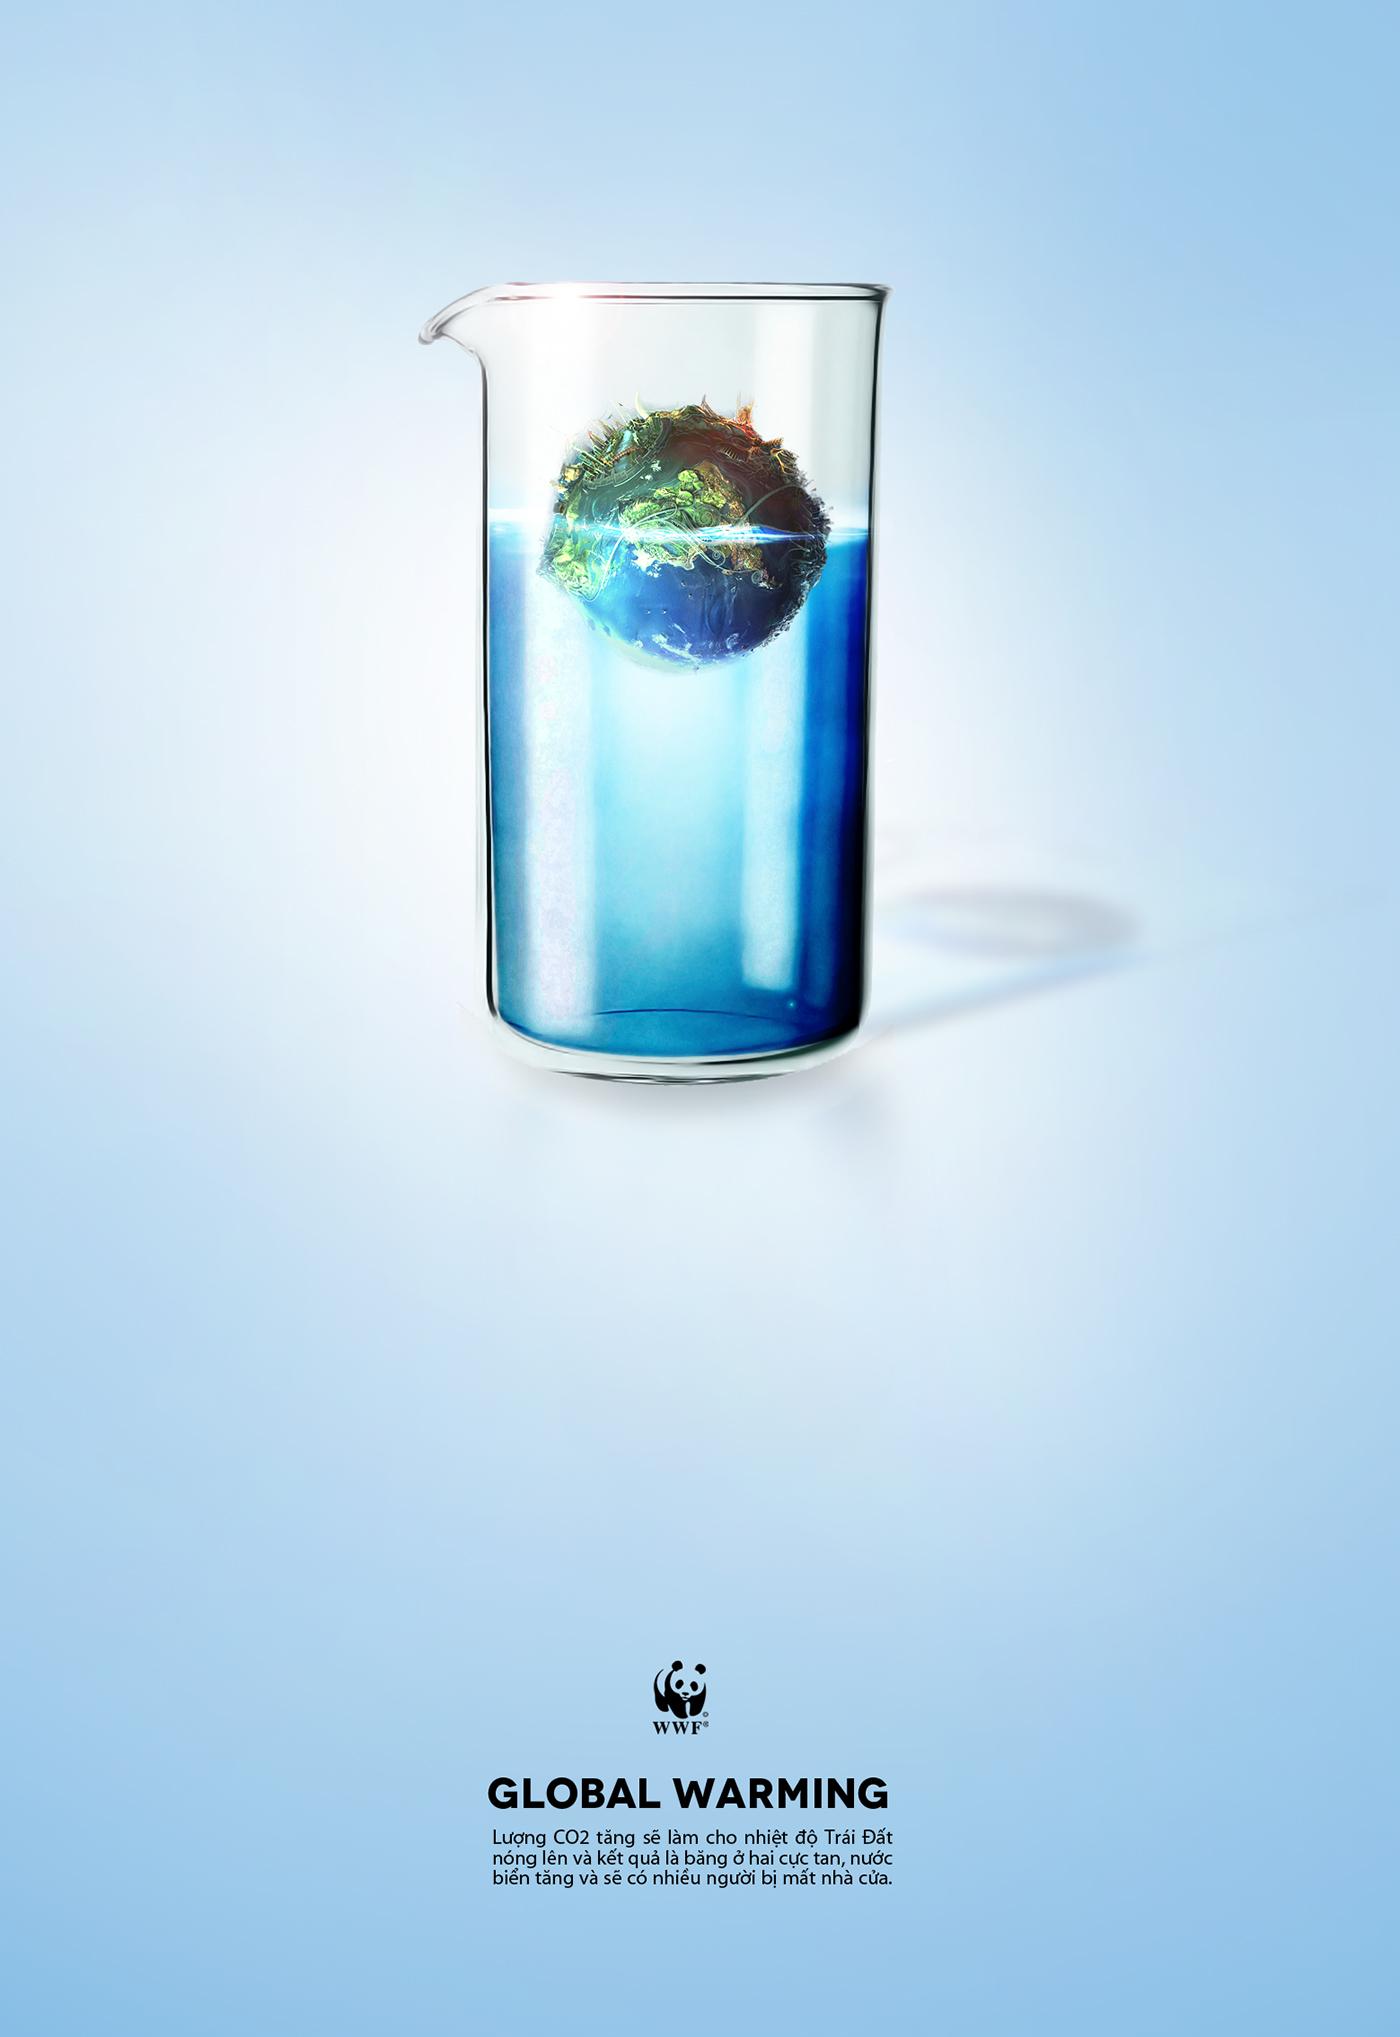 有獨特感的20個環保海報欣賞